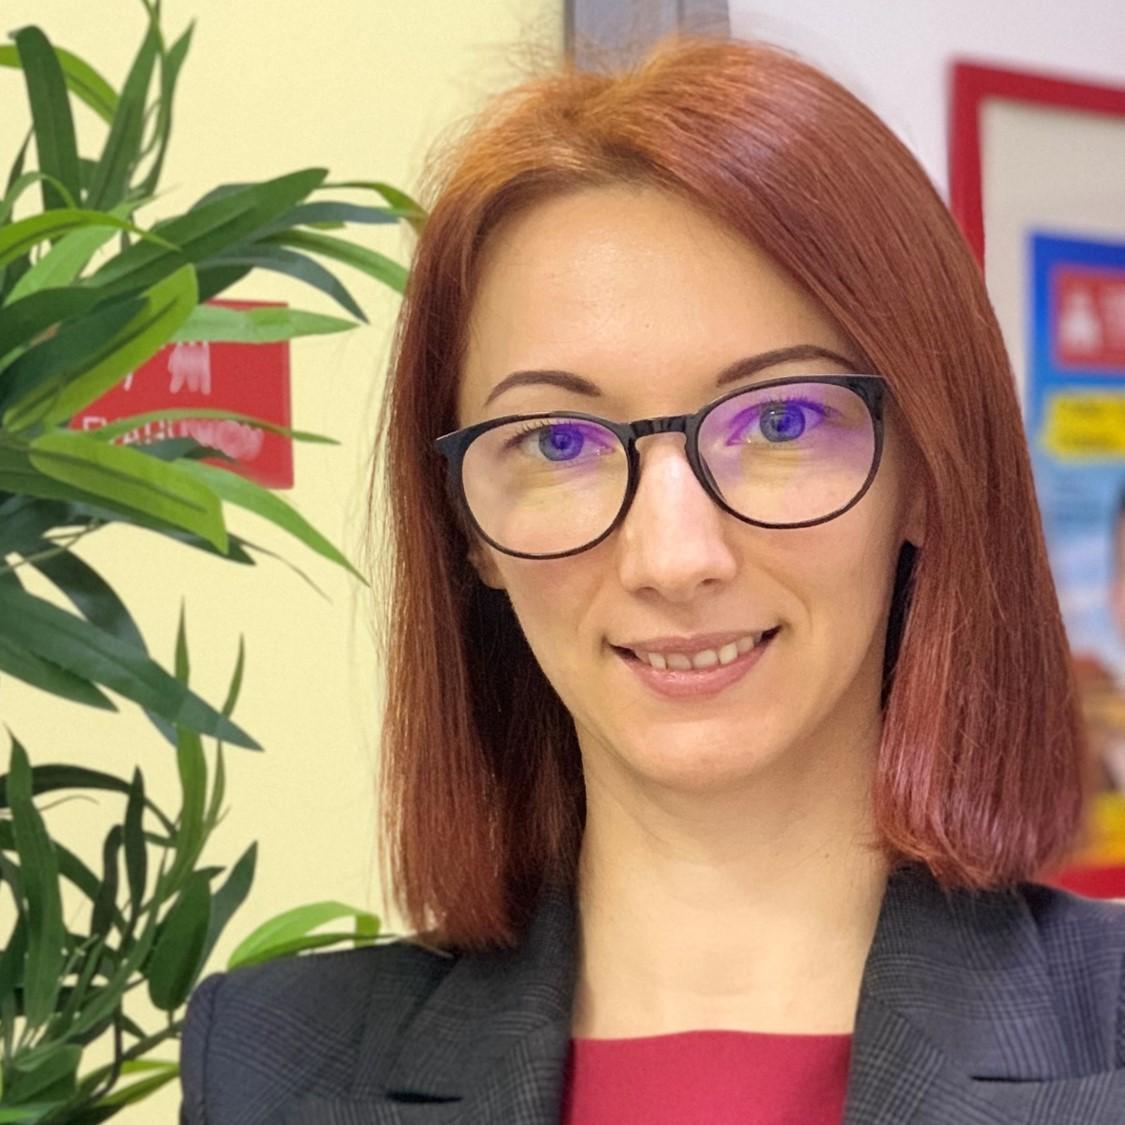 Victoria Simakina